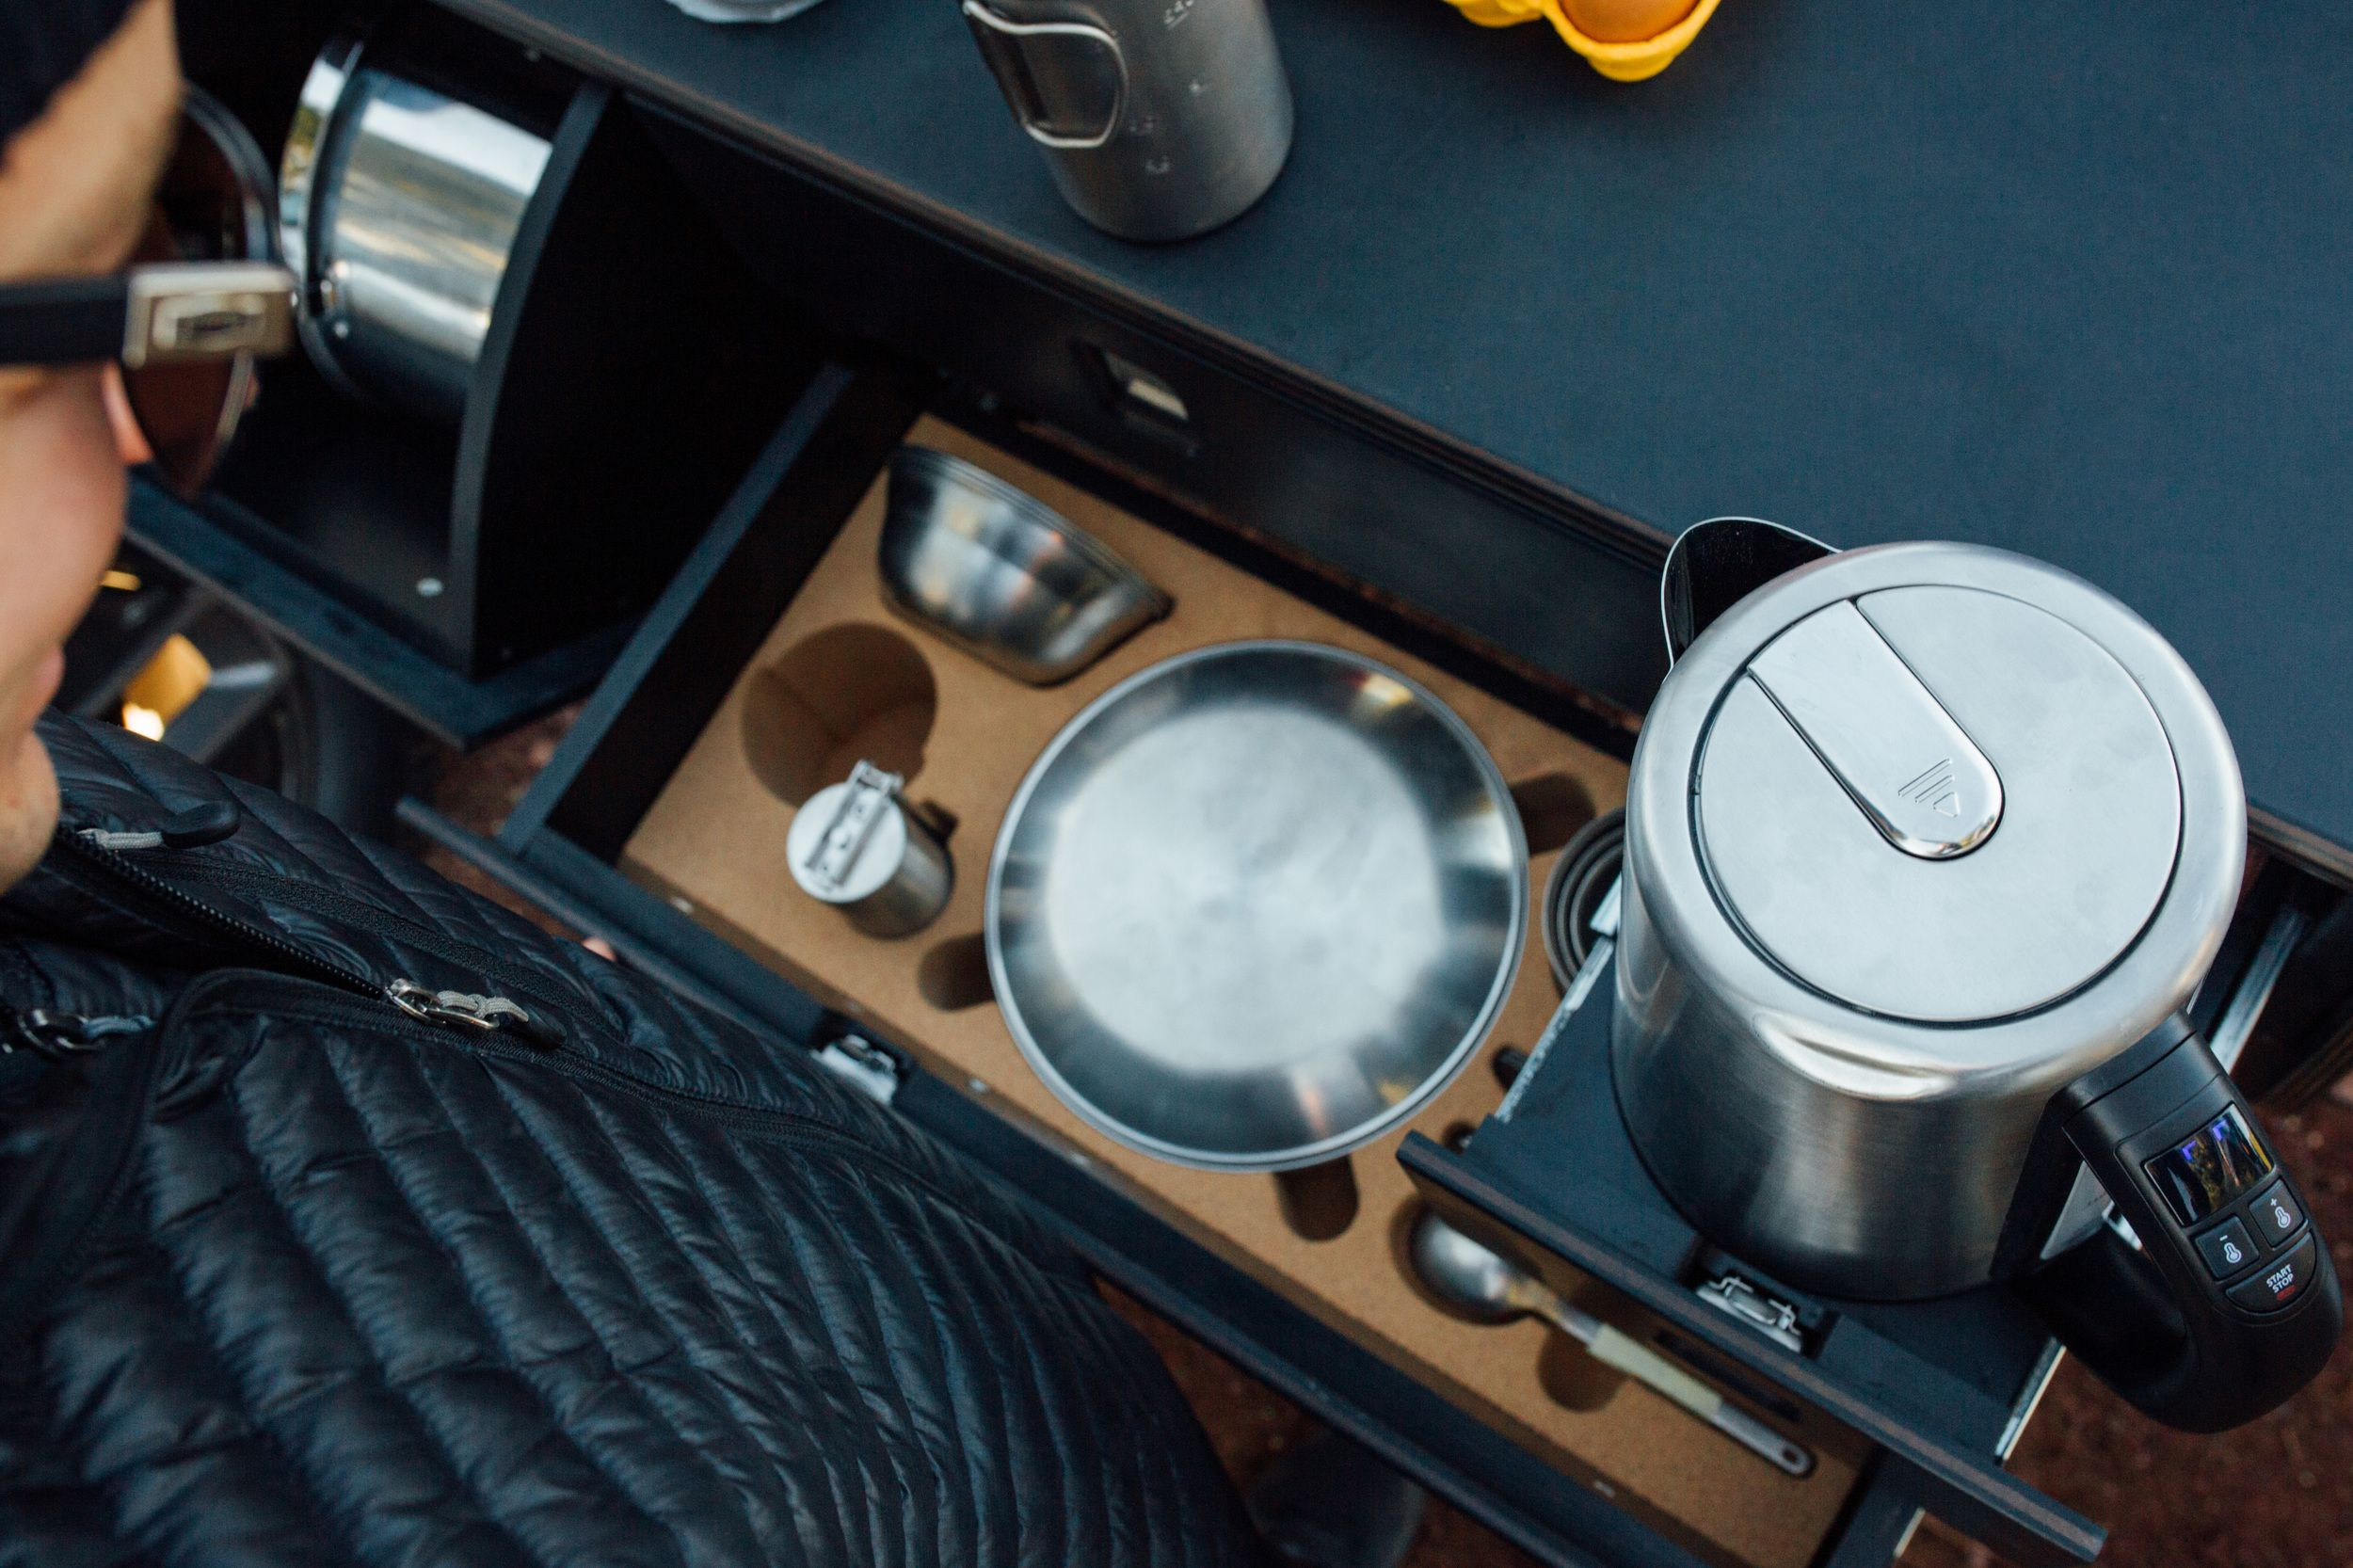 Електричний пікап Rivian R1T представили у вигляді кемпера з вбудованою кухнею